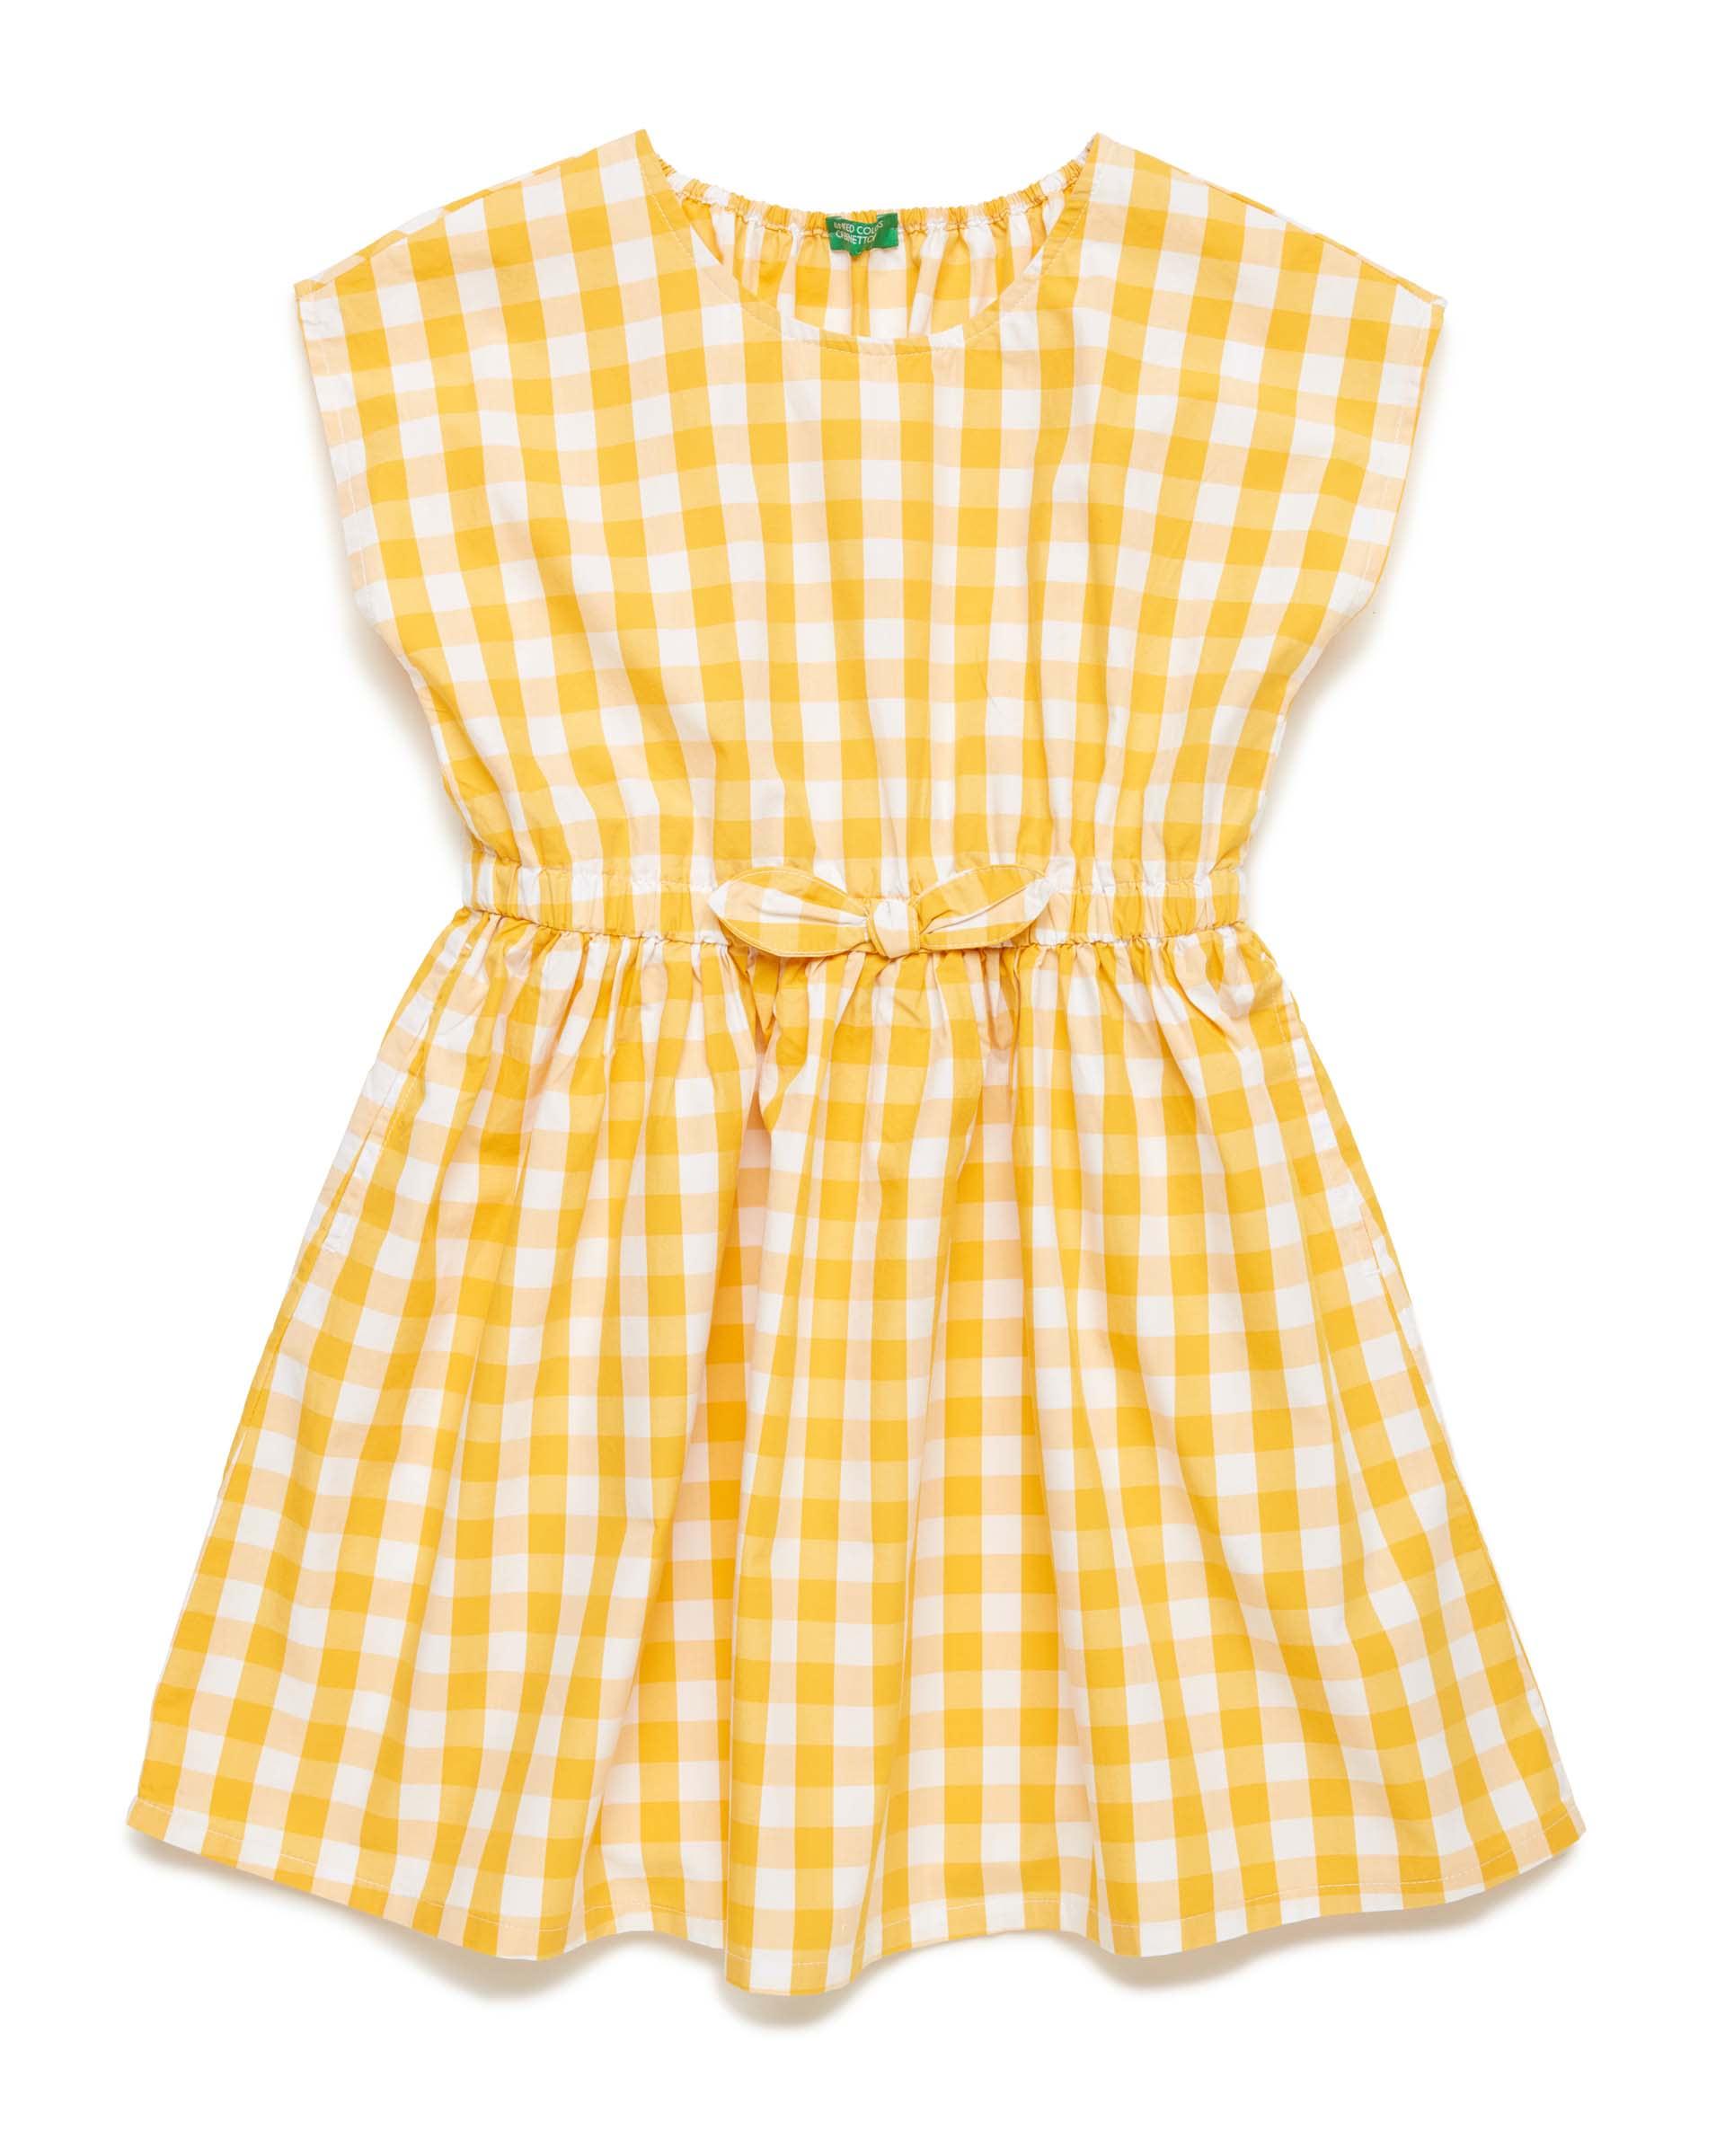 Купить 20P_4OT75VDG0_911, Платье для девочек Benetton 4OT75VDG0_911 р-р 128, United Colors of Benetton, Платья для девочек